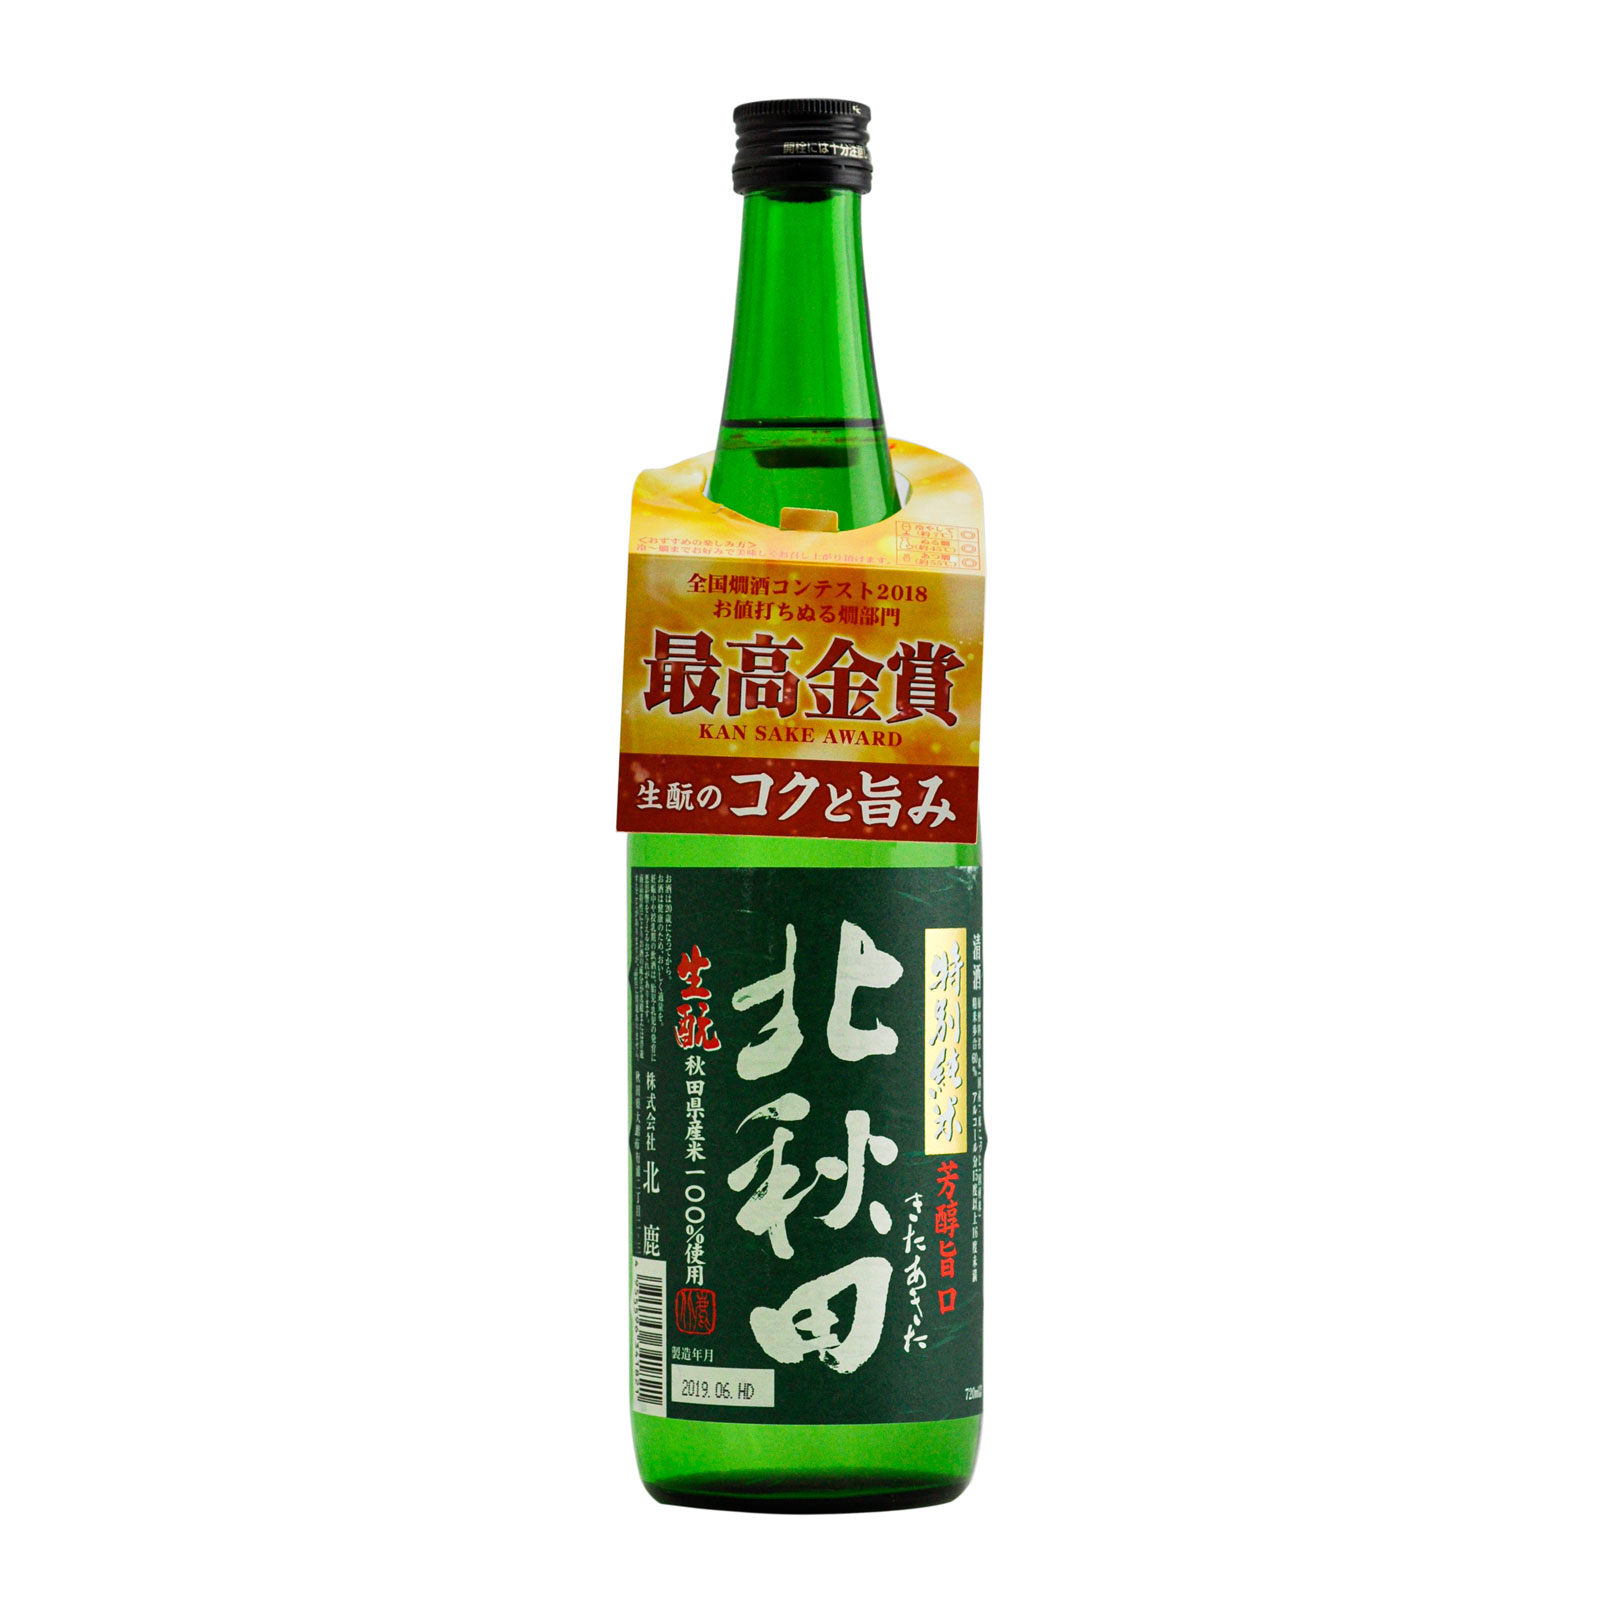 Hokushika Kimoto Tokubetsu Junmai Kita-akita 15% 720ml